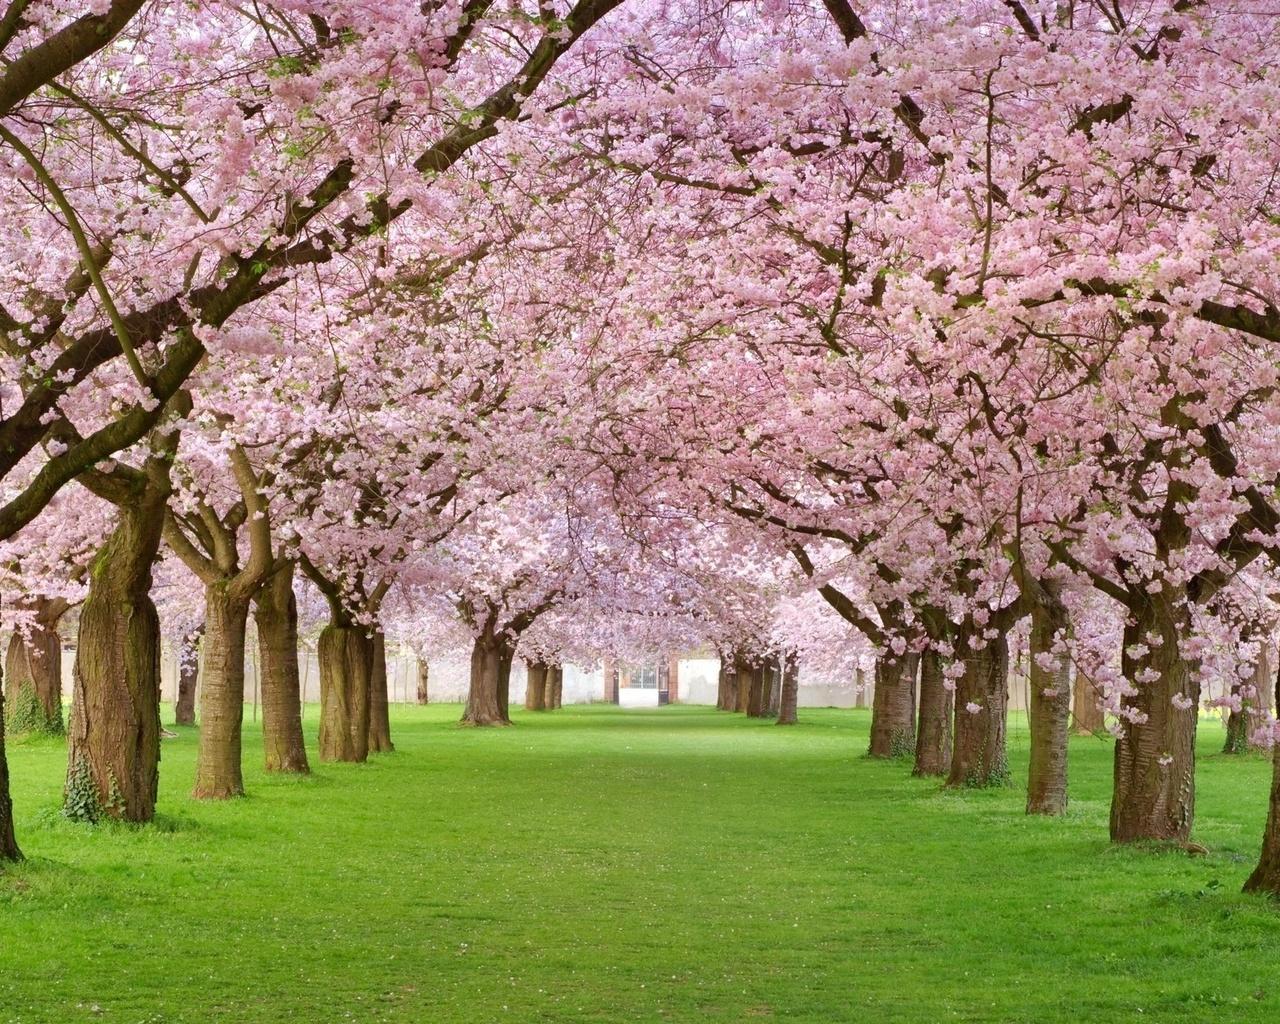 весна, природа, парк, красиво, позитивно